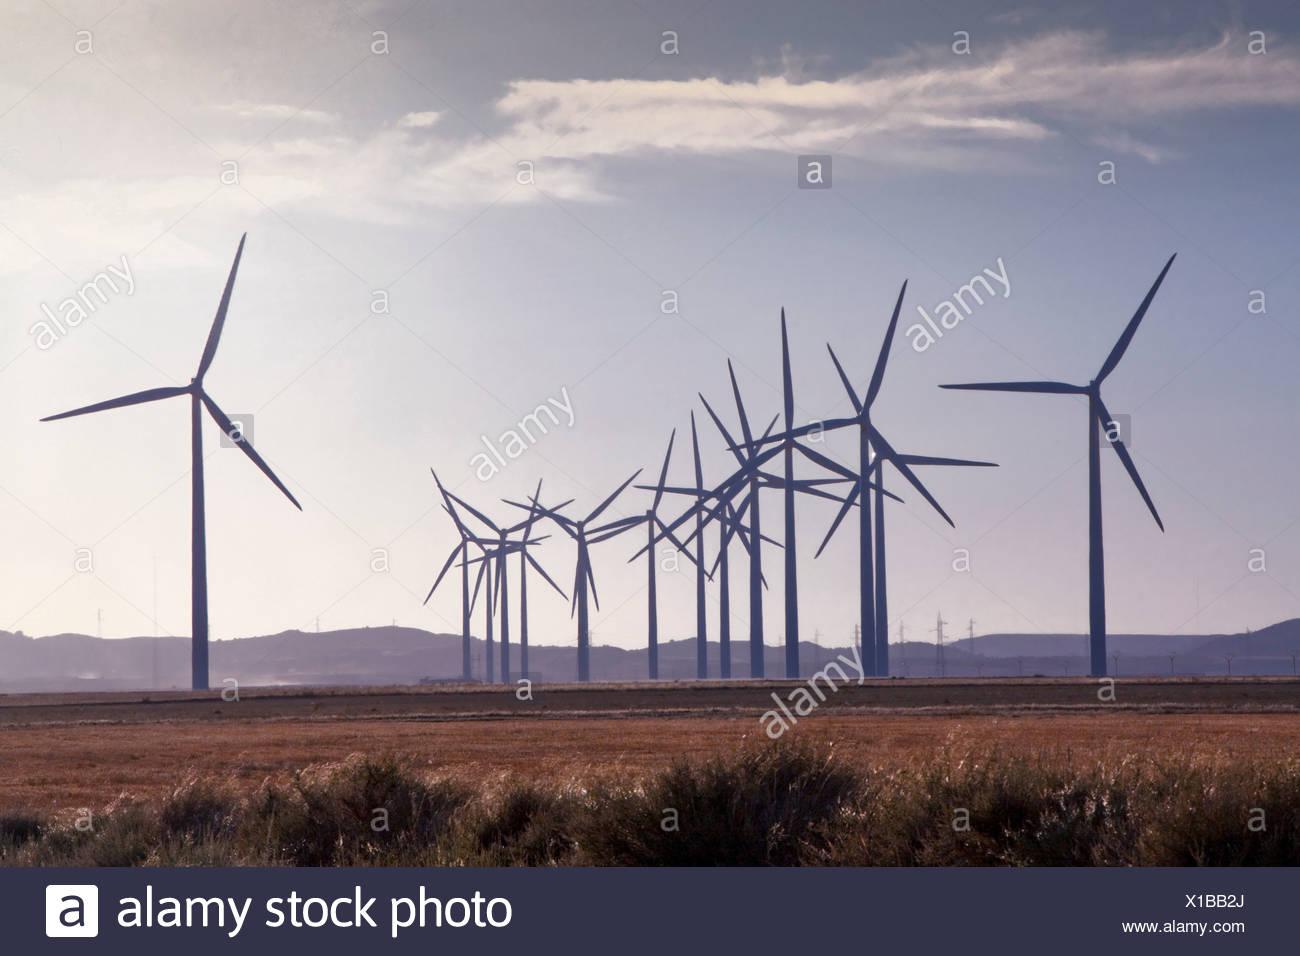 Spagna, Europa, Aragona, fattoria eolica, l'energia eolica, la turbina eolica, l'energia, con Belchite, ecologico Immagini Stock